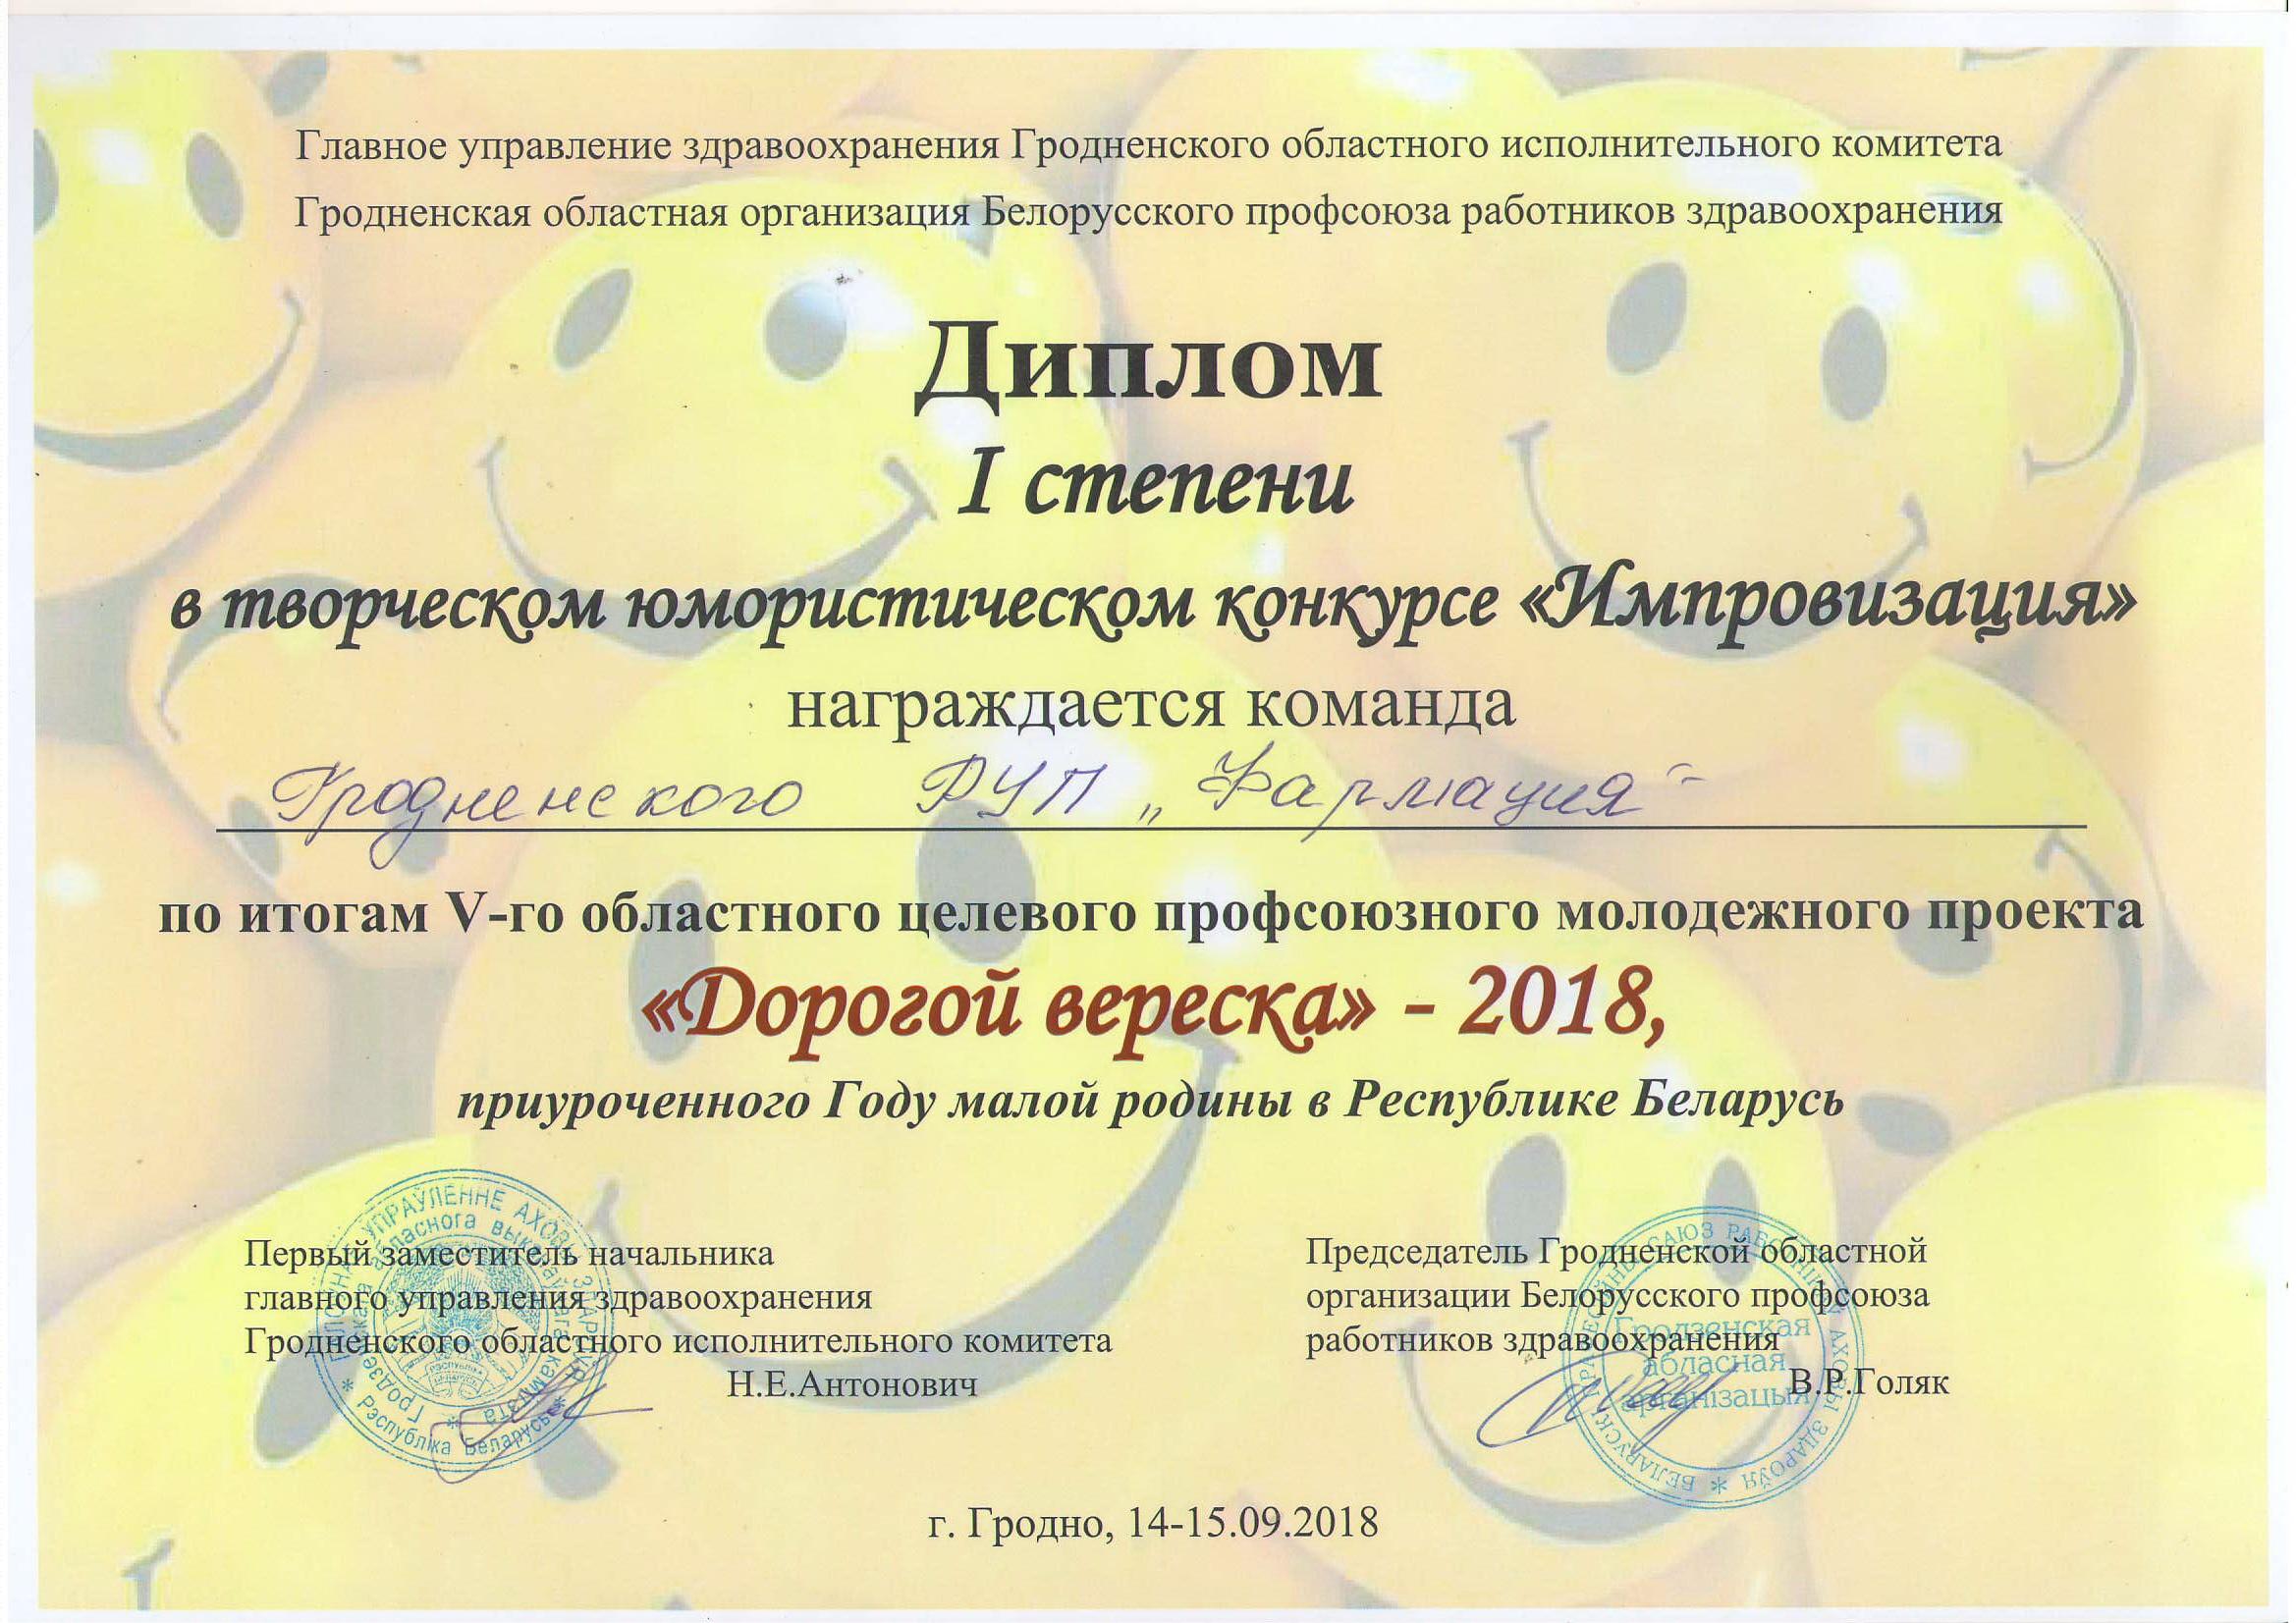 Диплом дор.вер.импров.2018-1